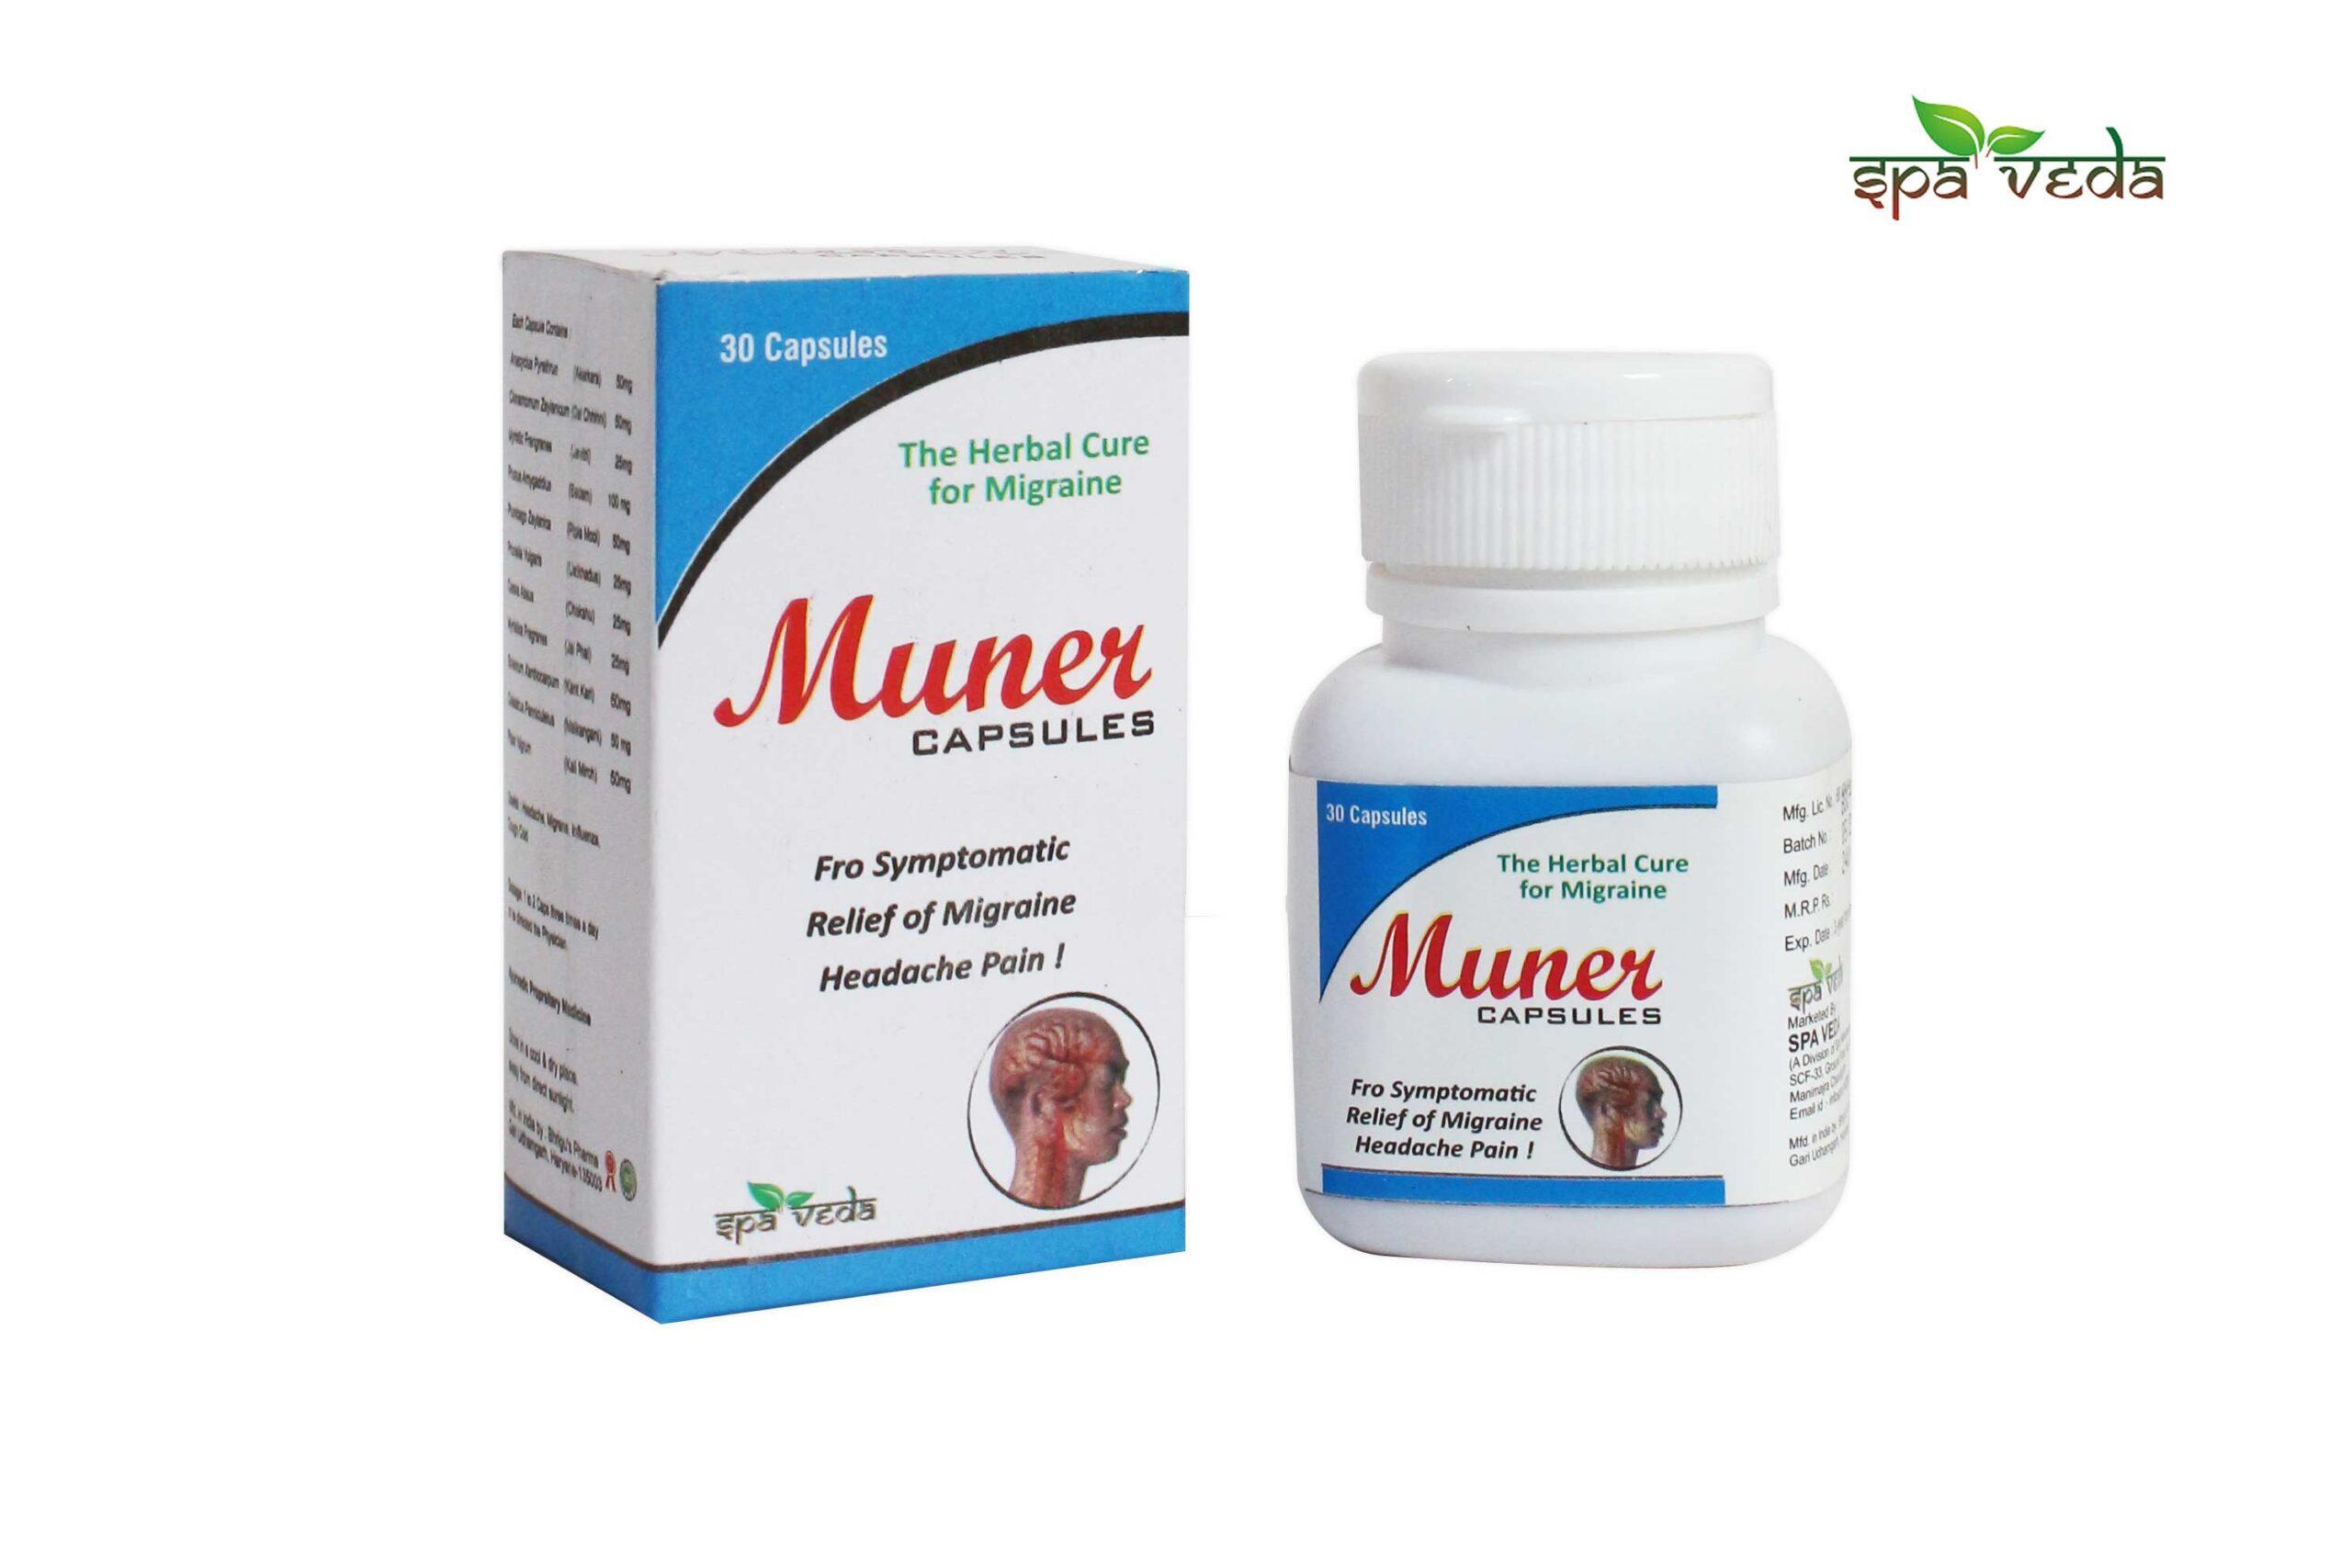 Muner